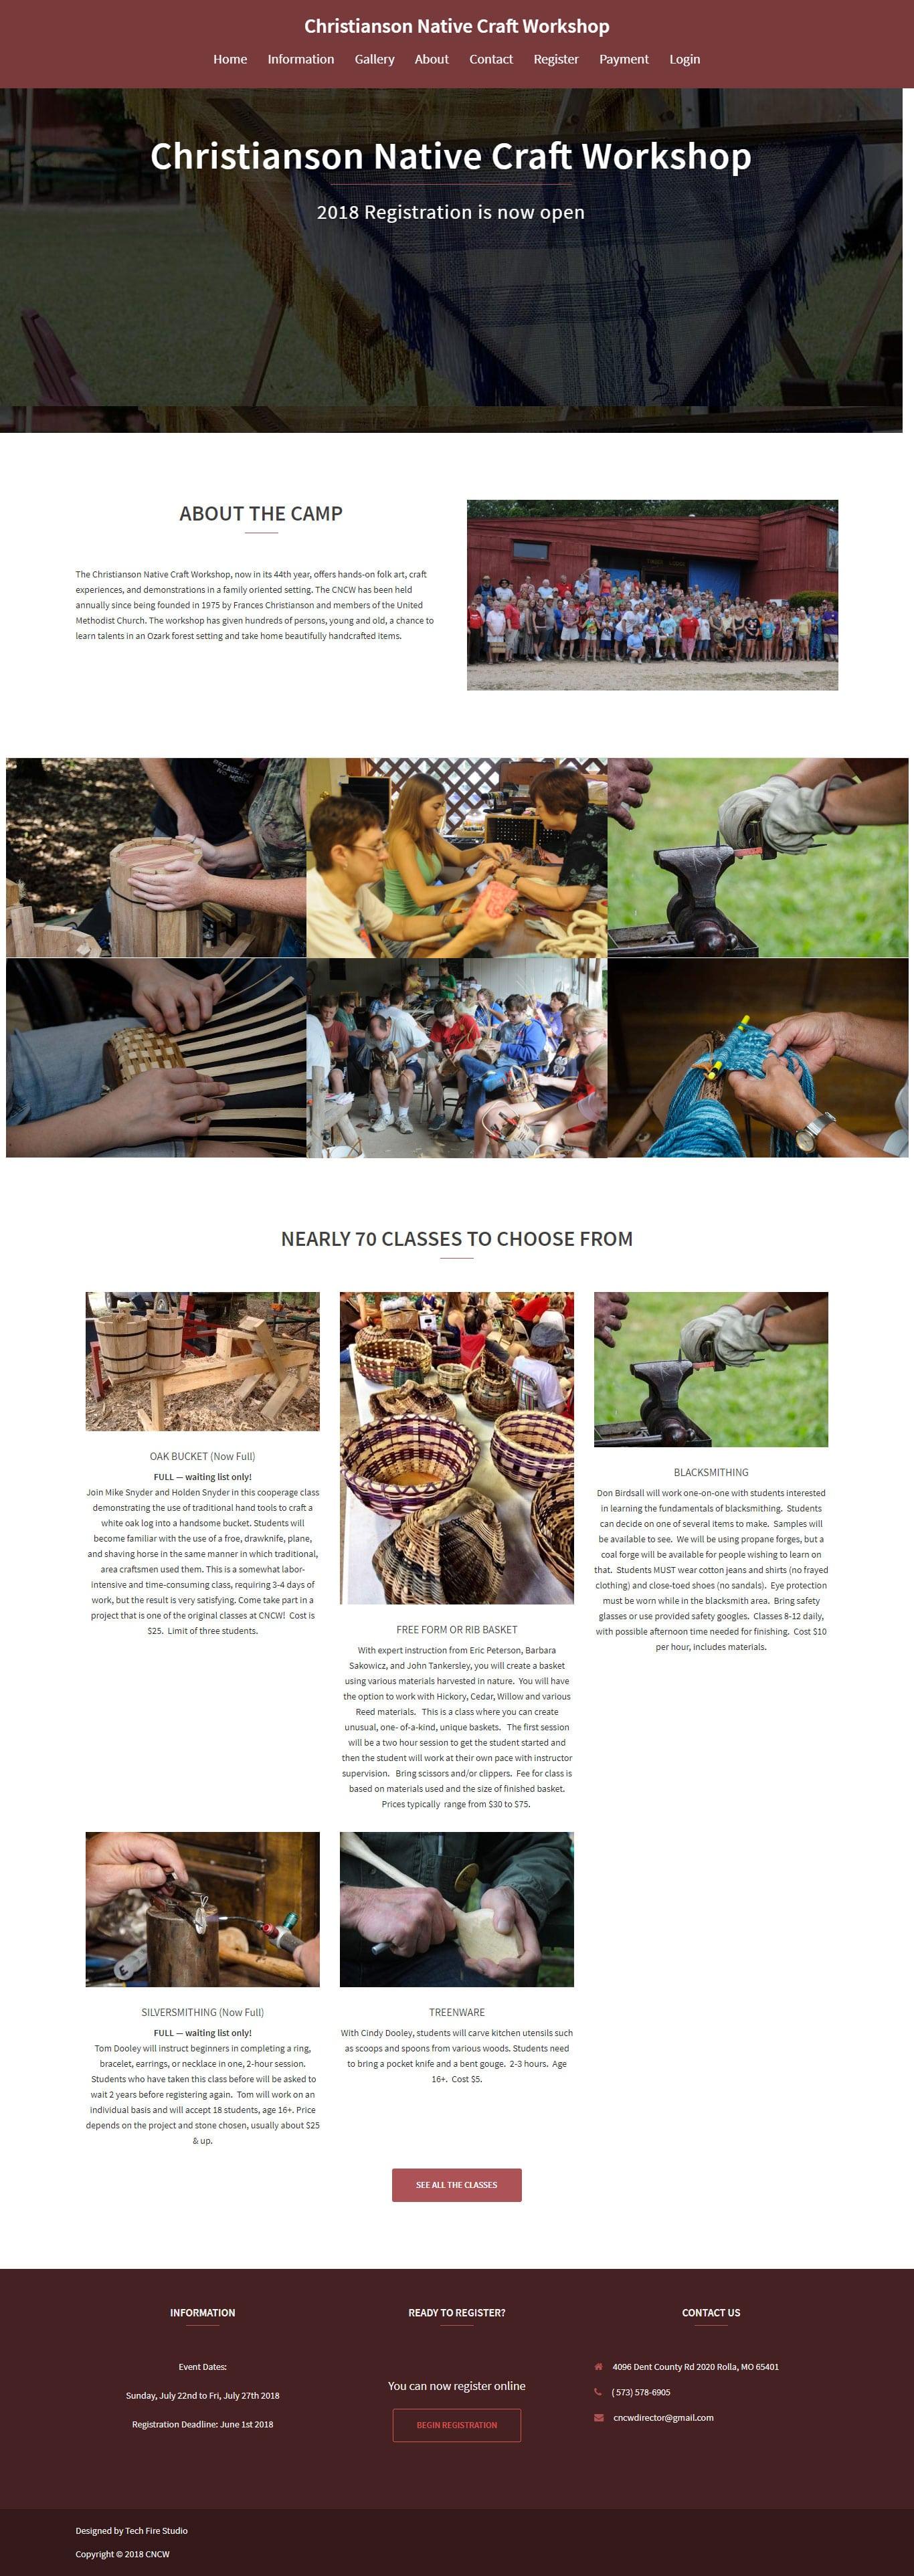 Christianson Native Craft Workshop – Website, Online Event Registration & Payment for a folk-arts and craft workshop camp.